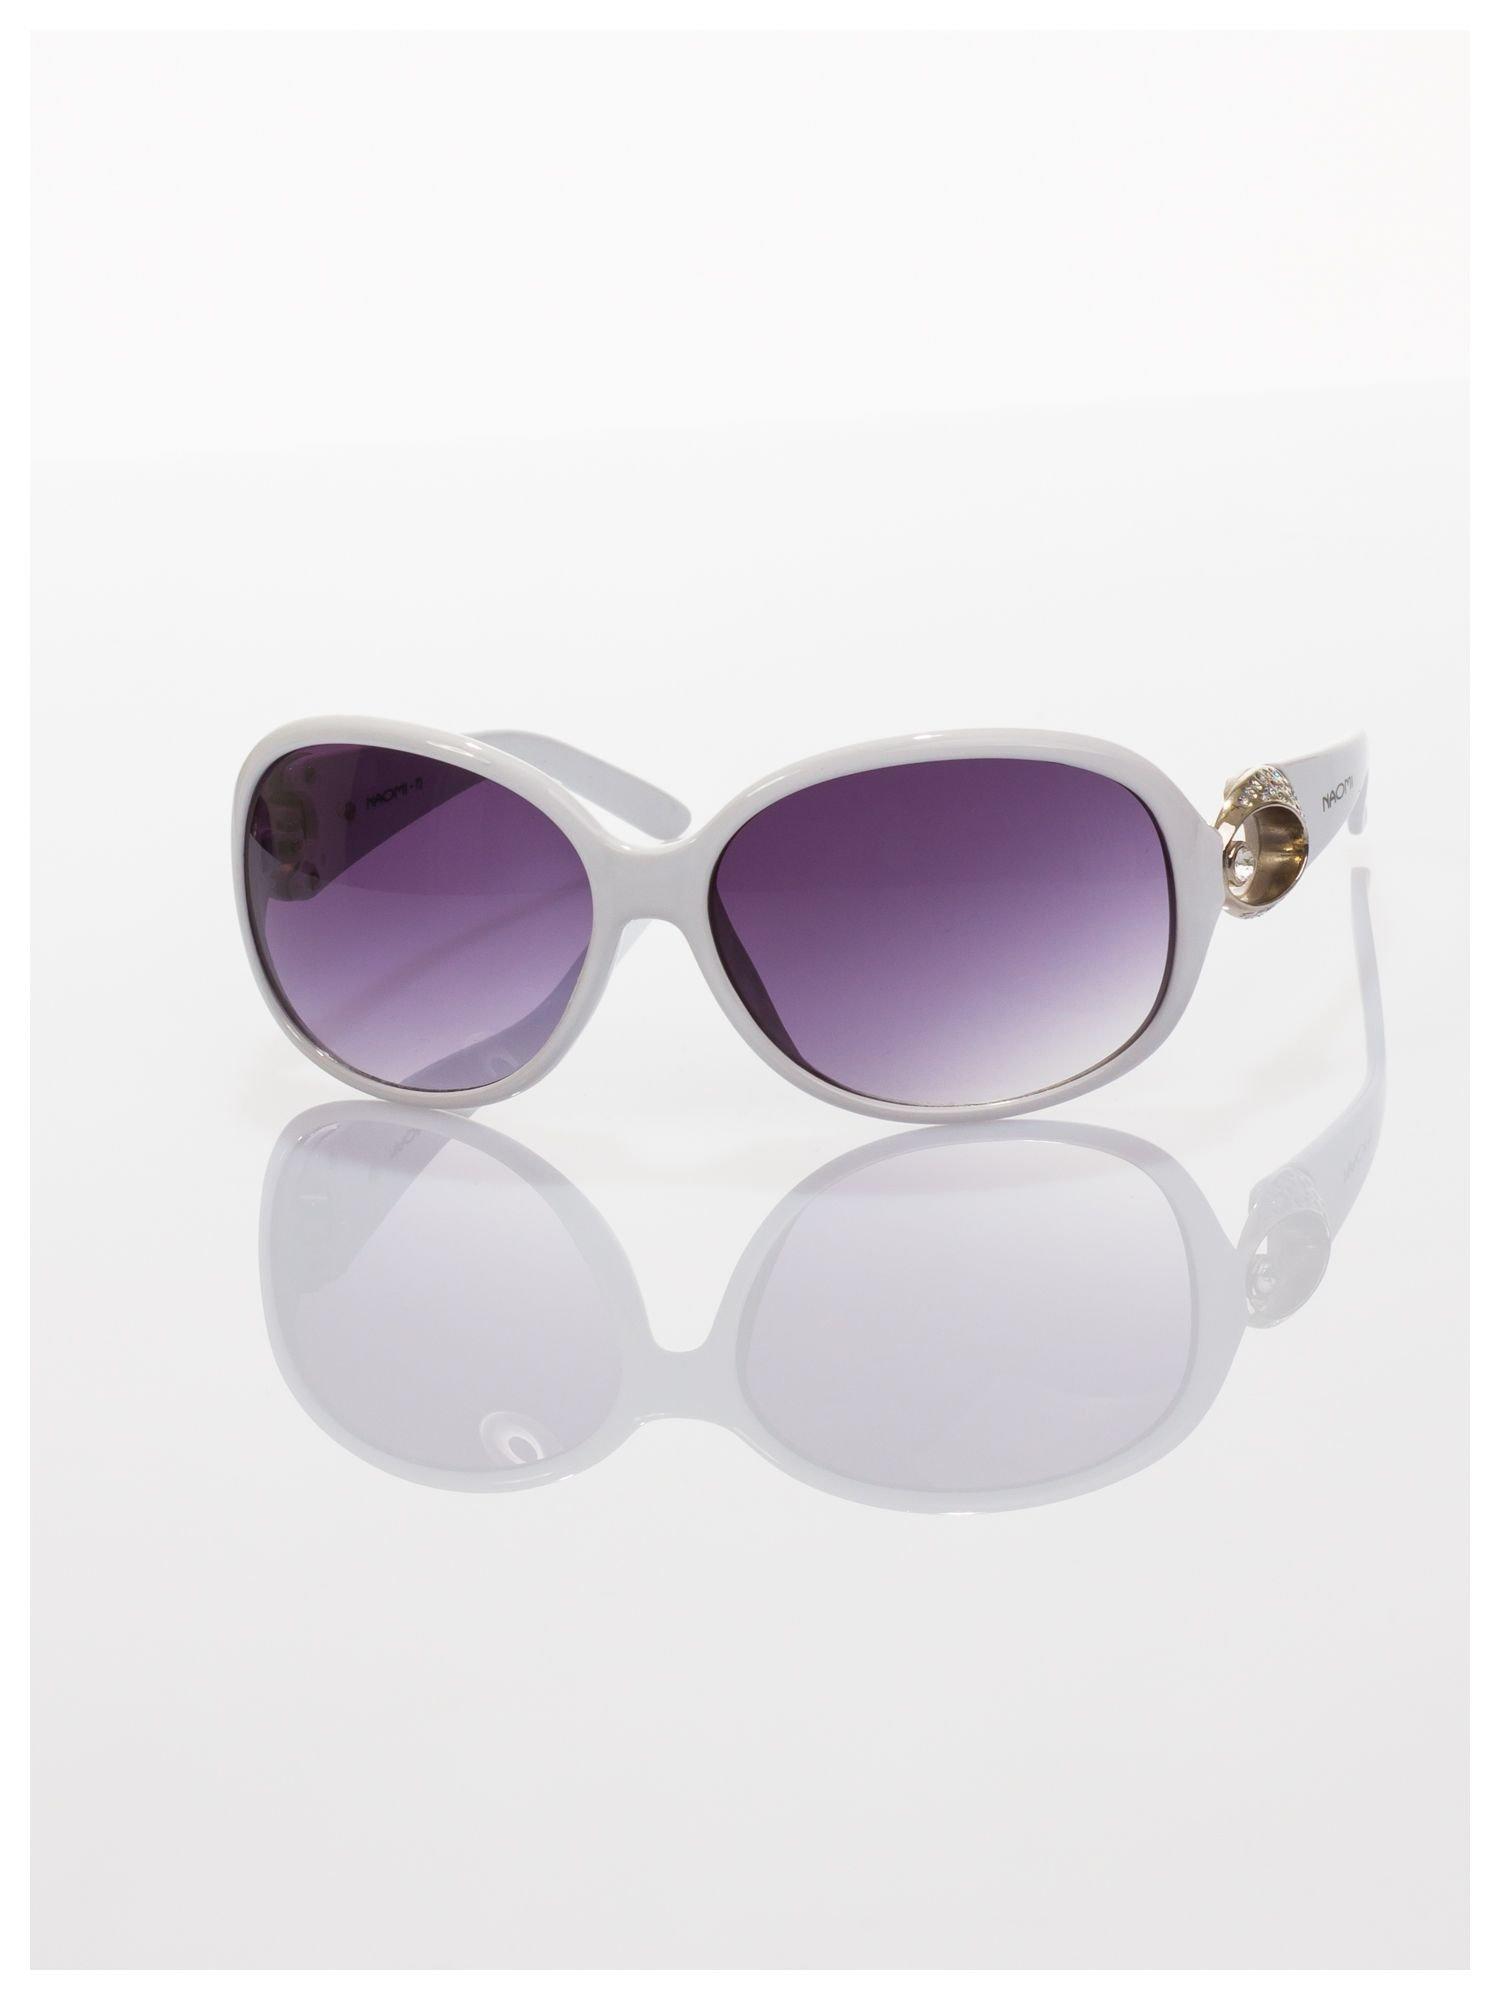 Białe eleganckie okulary o owalnym kształcie typu MUCHY i srebrnym zdobieniu na zauszniku                                   zdj.                                  3